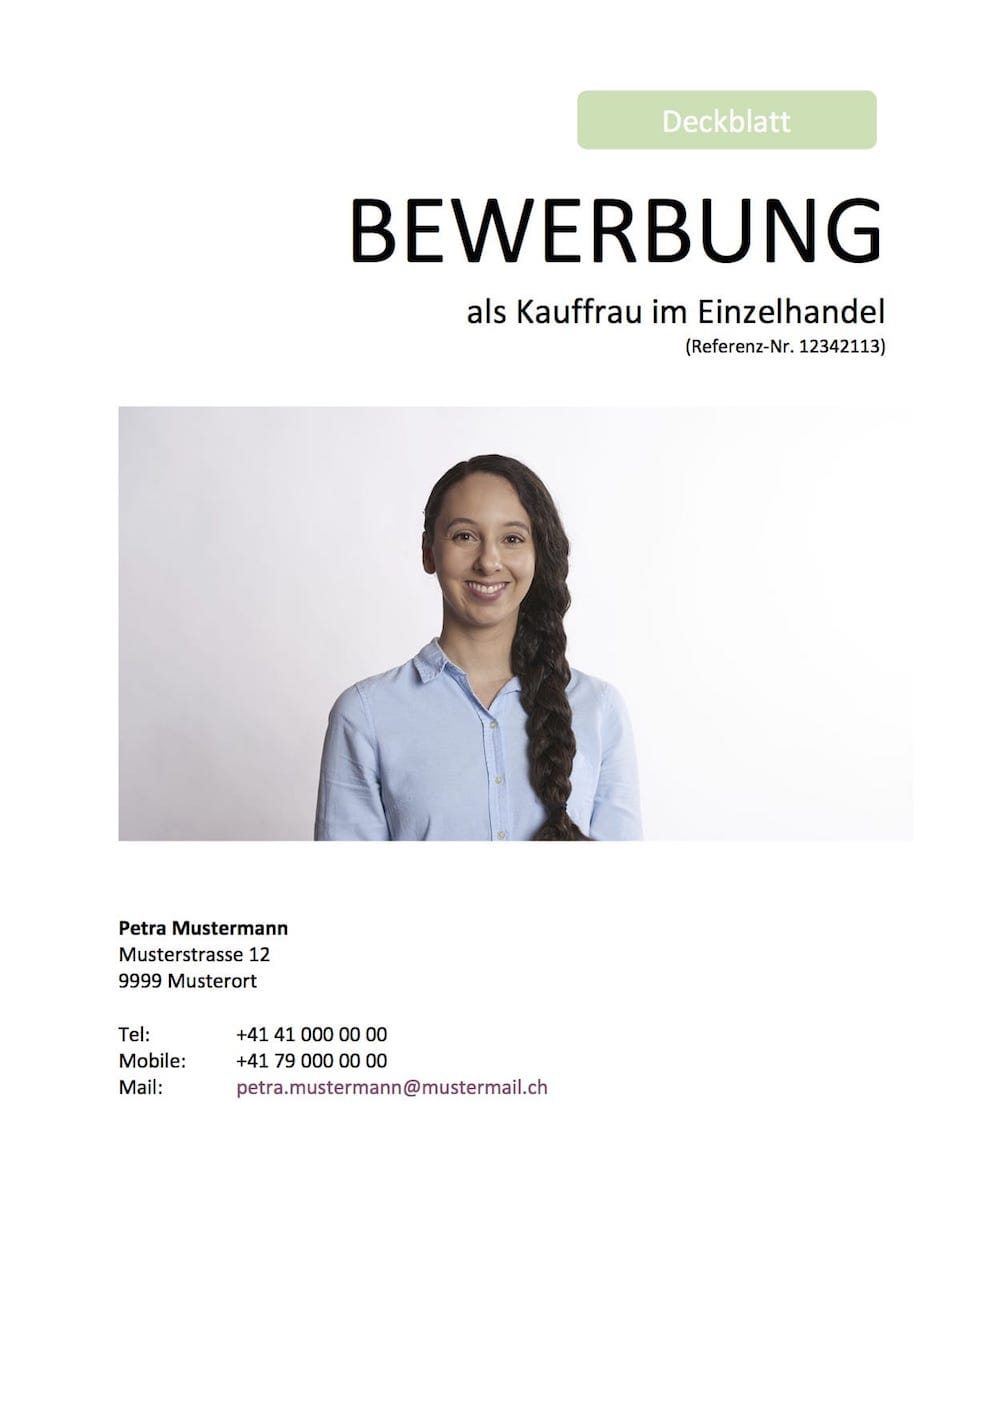 deckblatt titelblatt bewerbung vorlage - Bewerbungs Deckblatt Vorlage